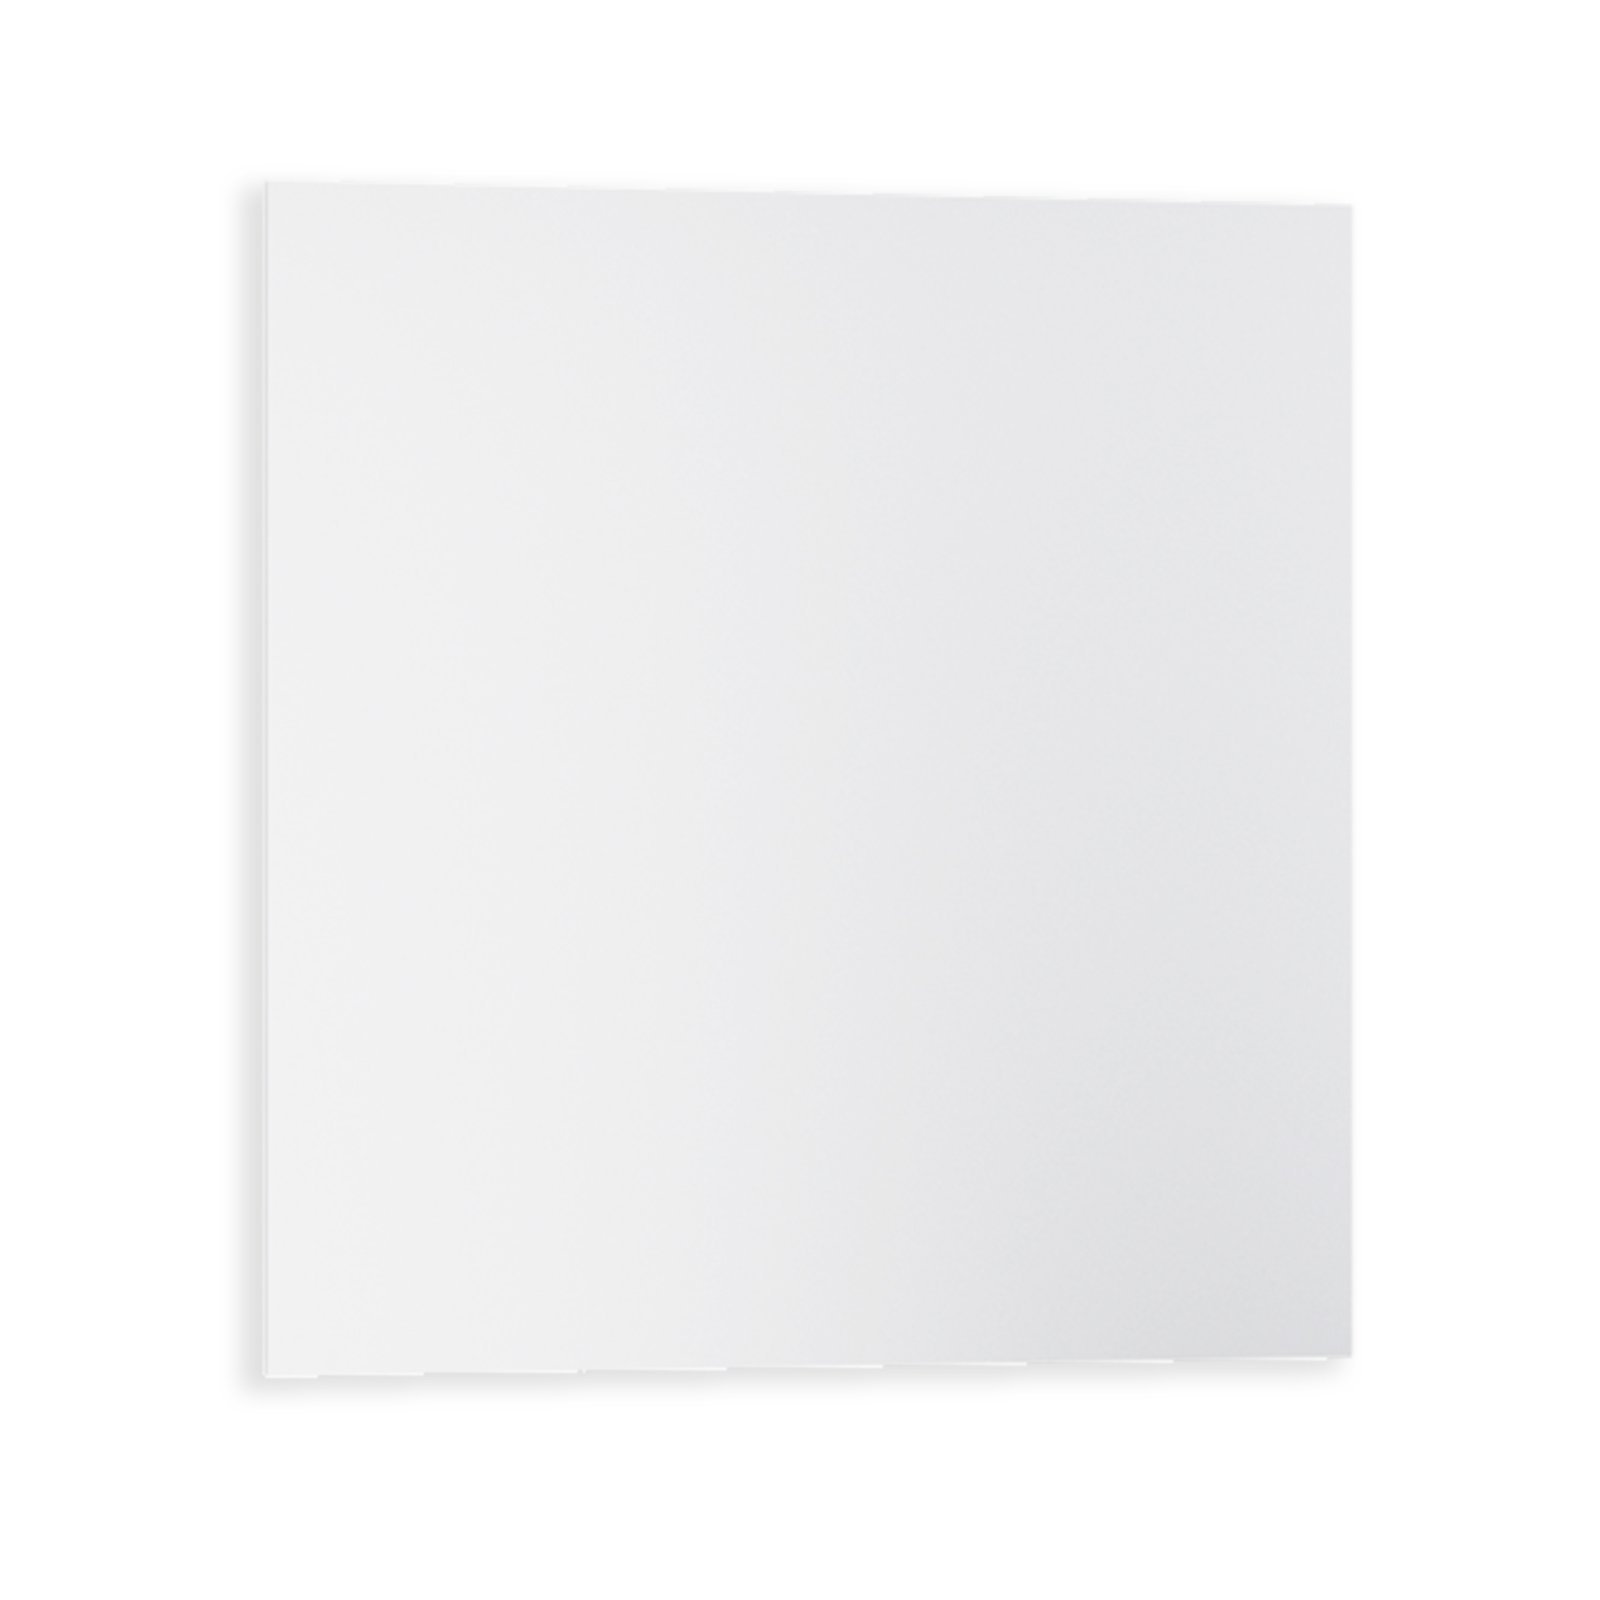 Spiegel robin mit aufh ngung 60x60 cm badspiegel for Spiegel 60x60